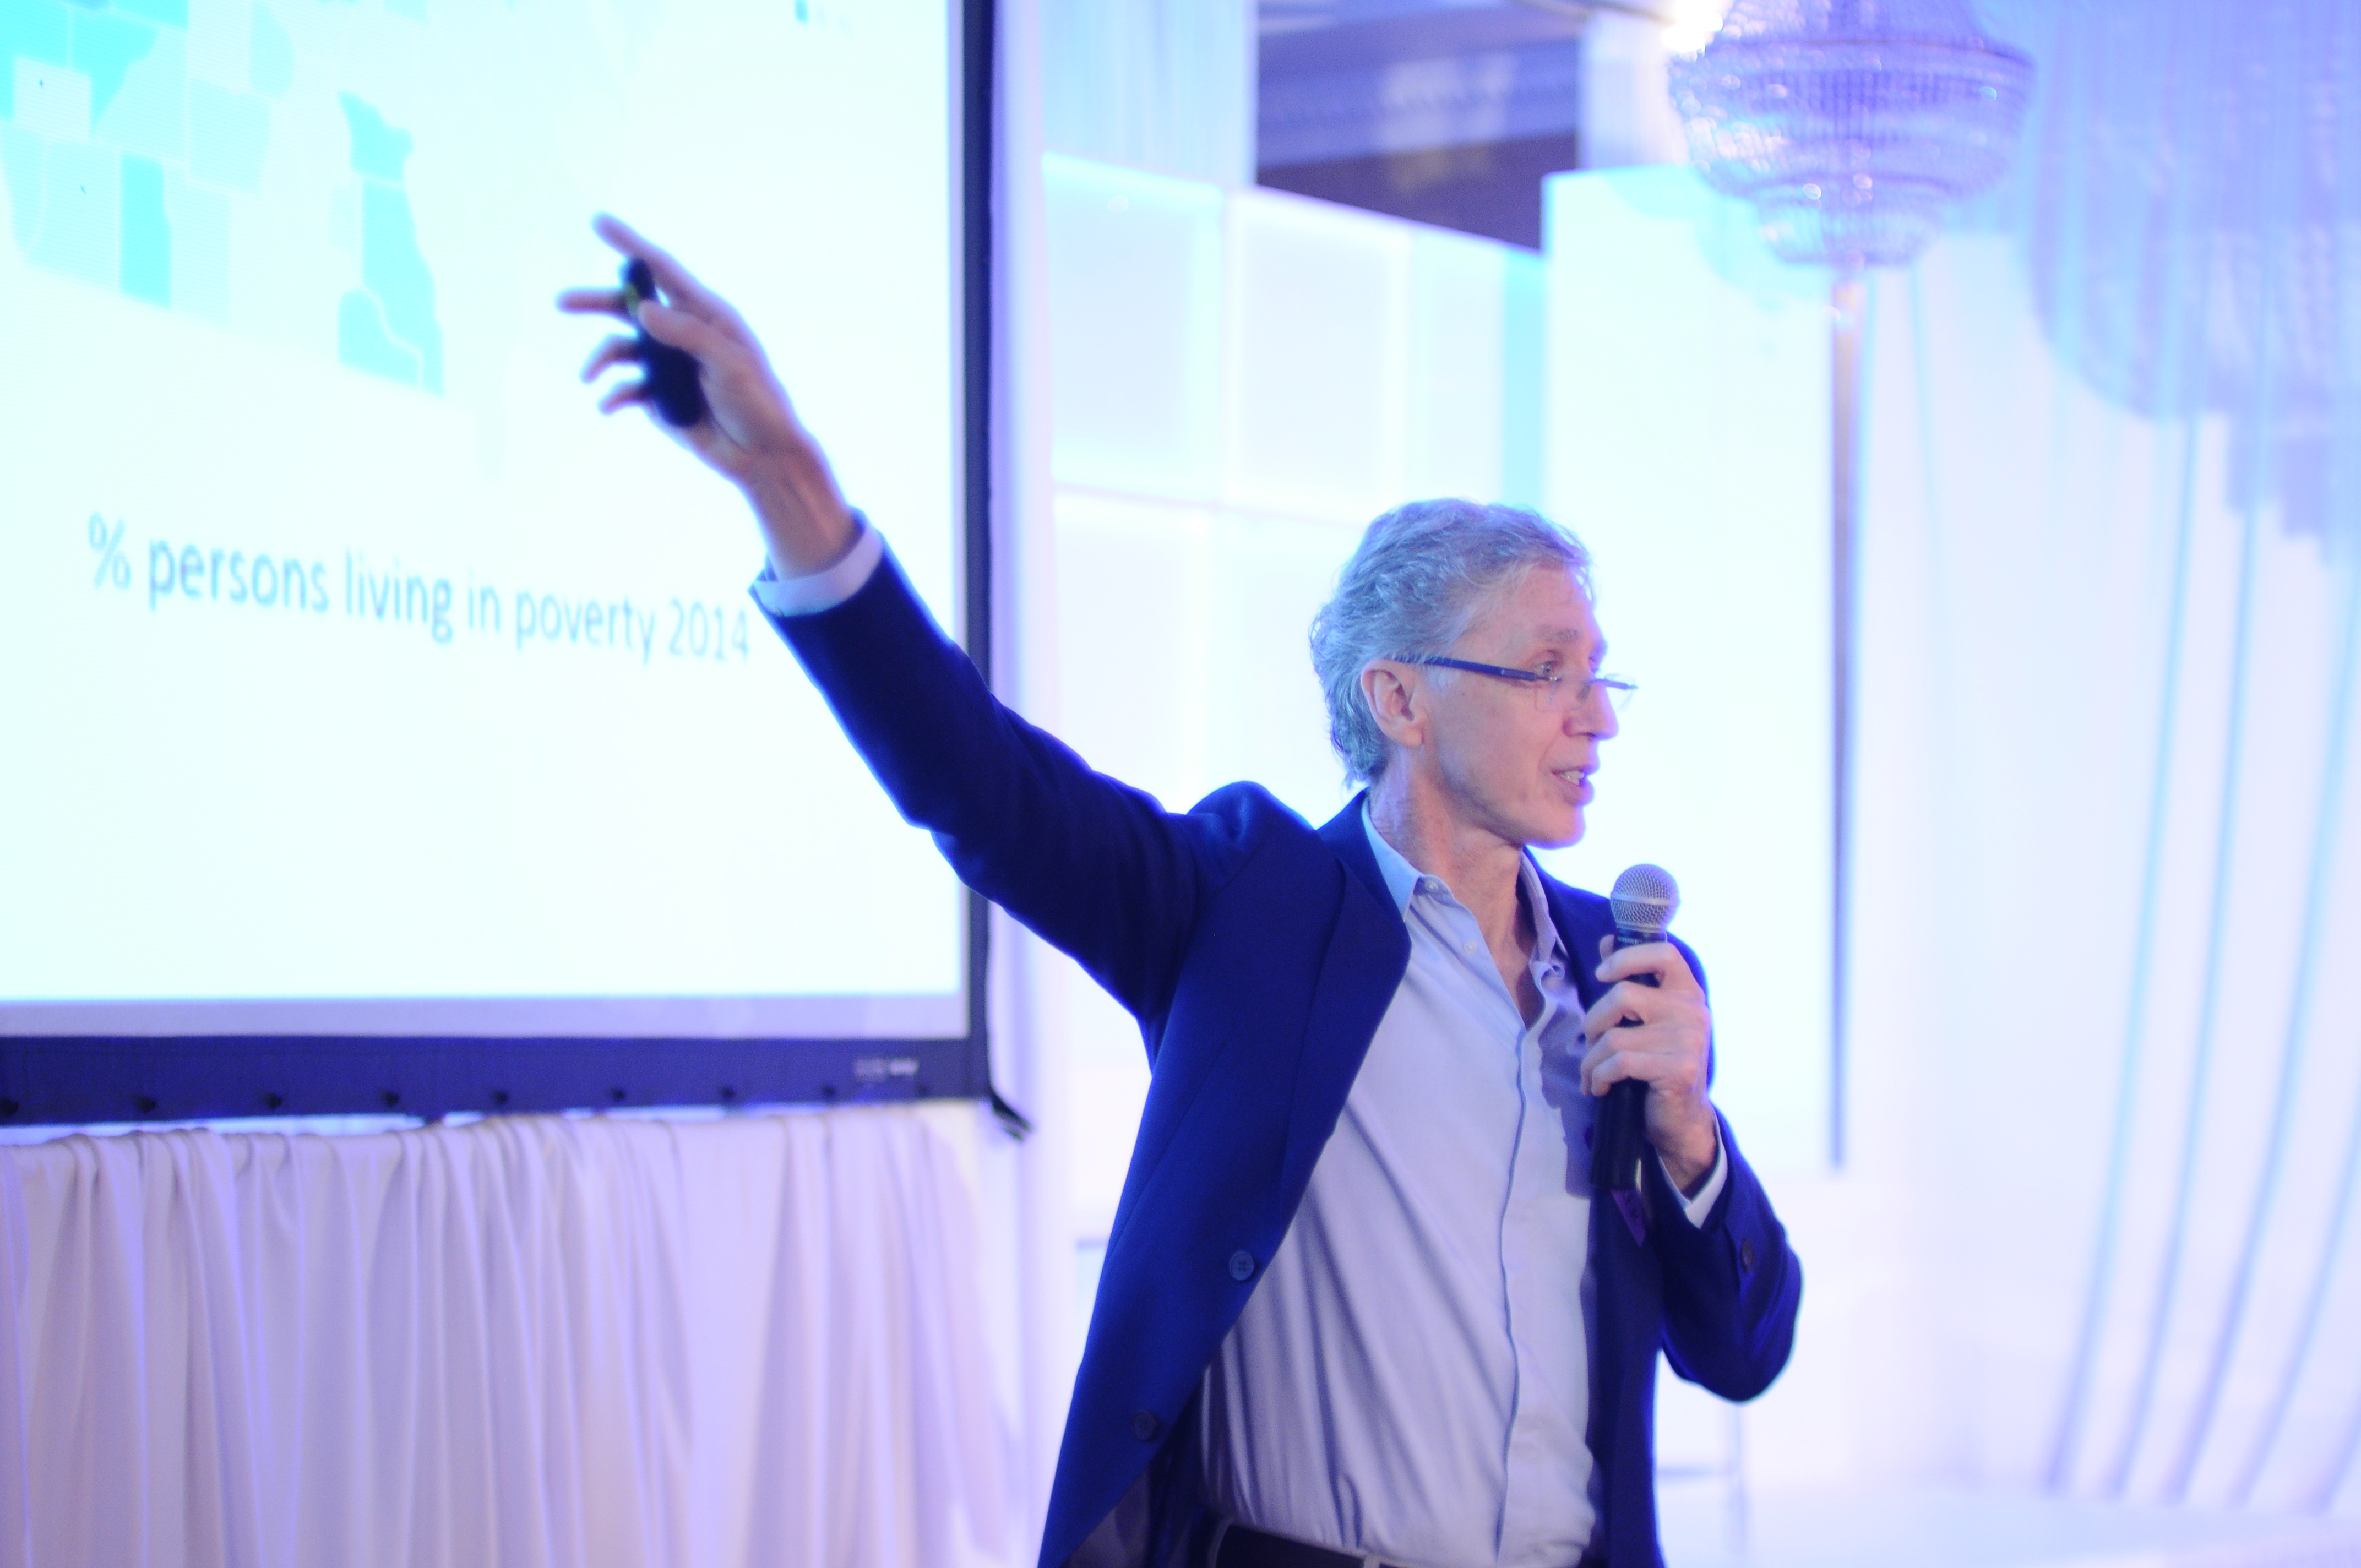 Speaking at Future Forum